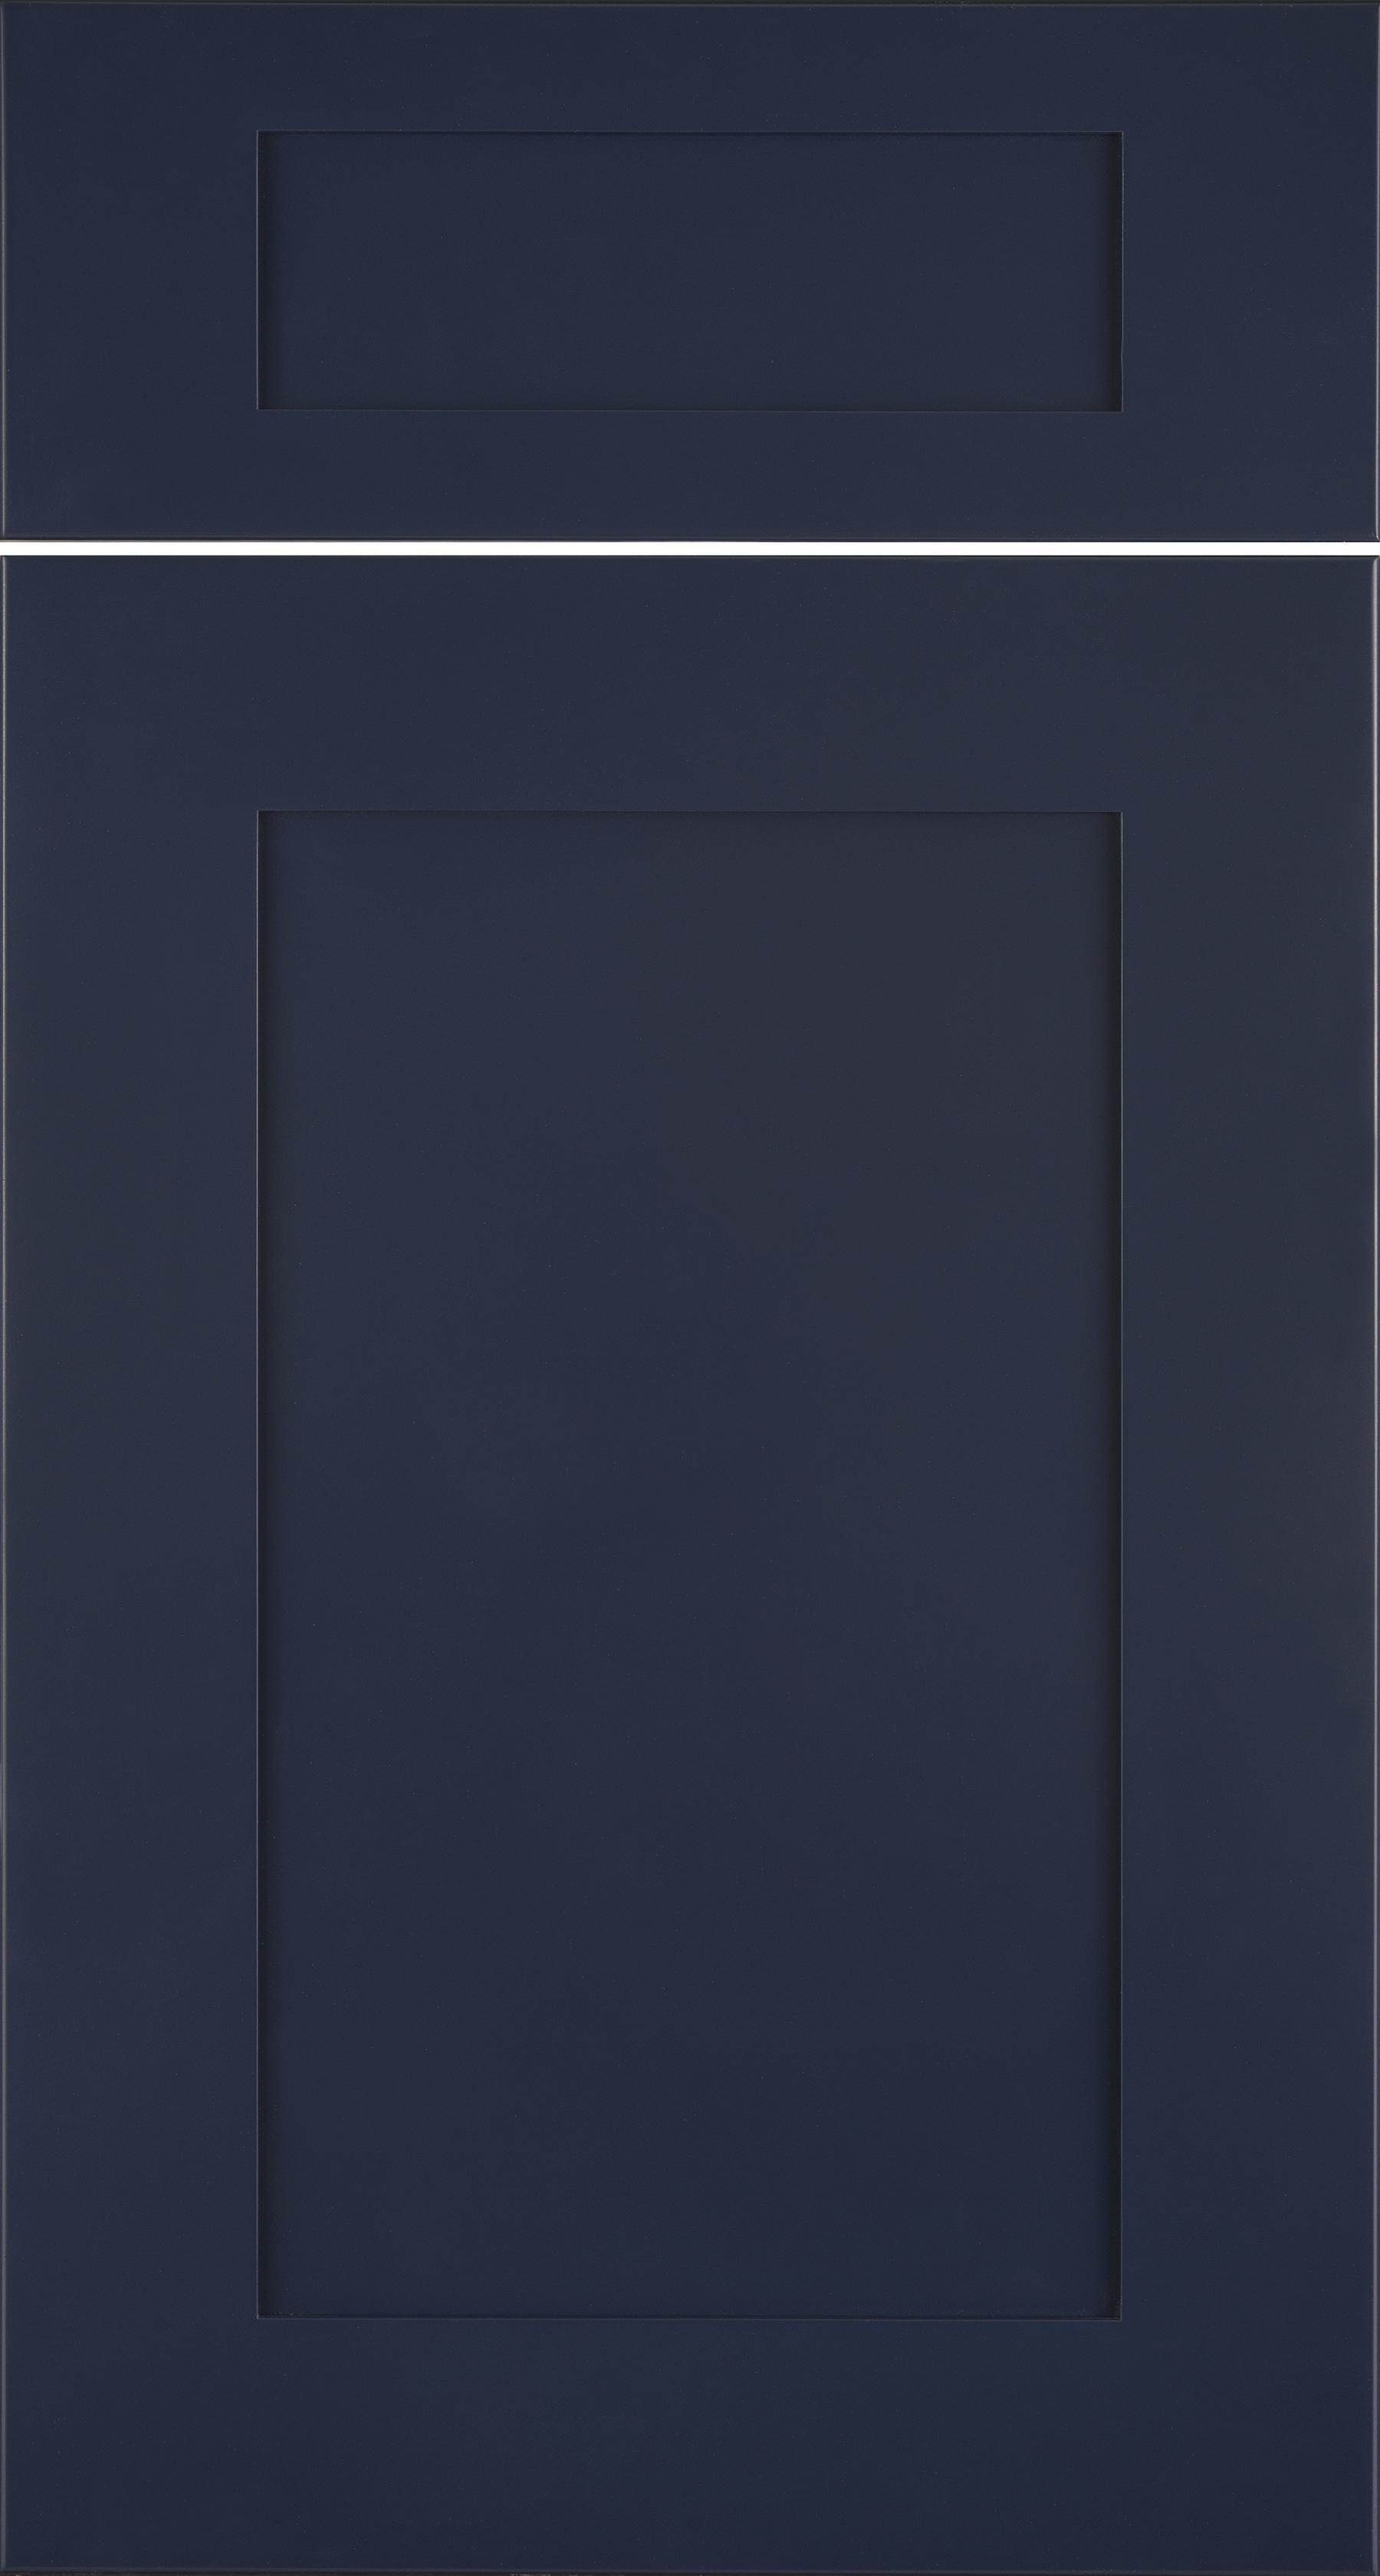 Siteline Cabinetry